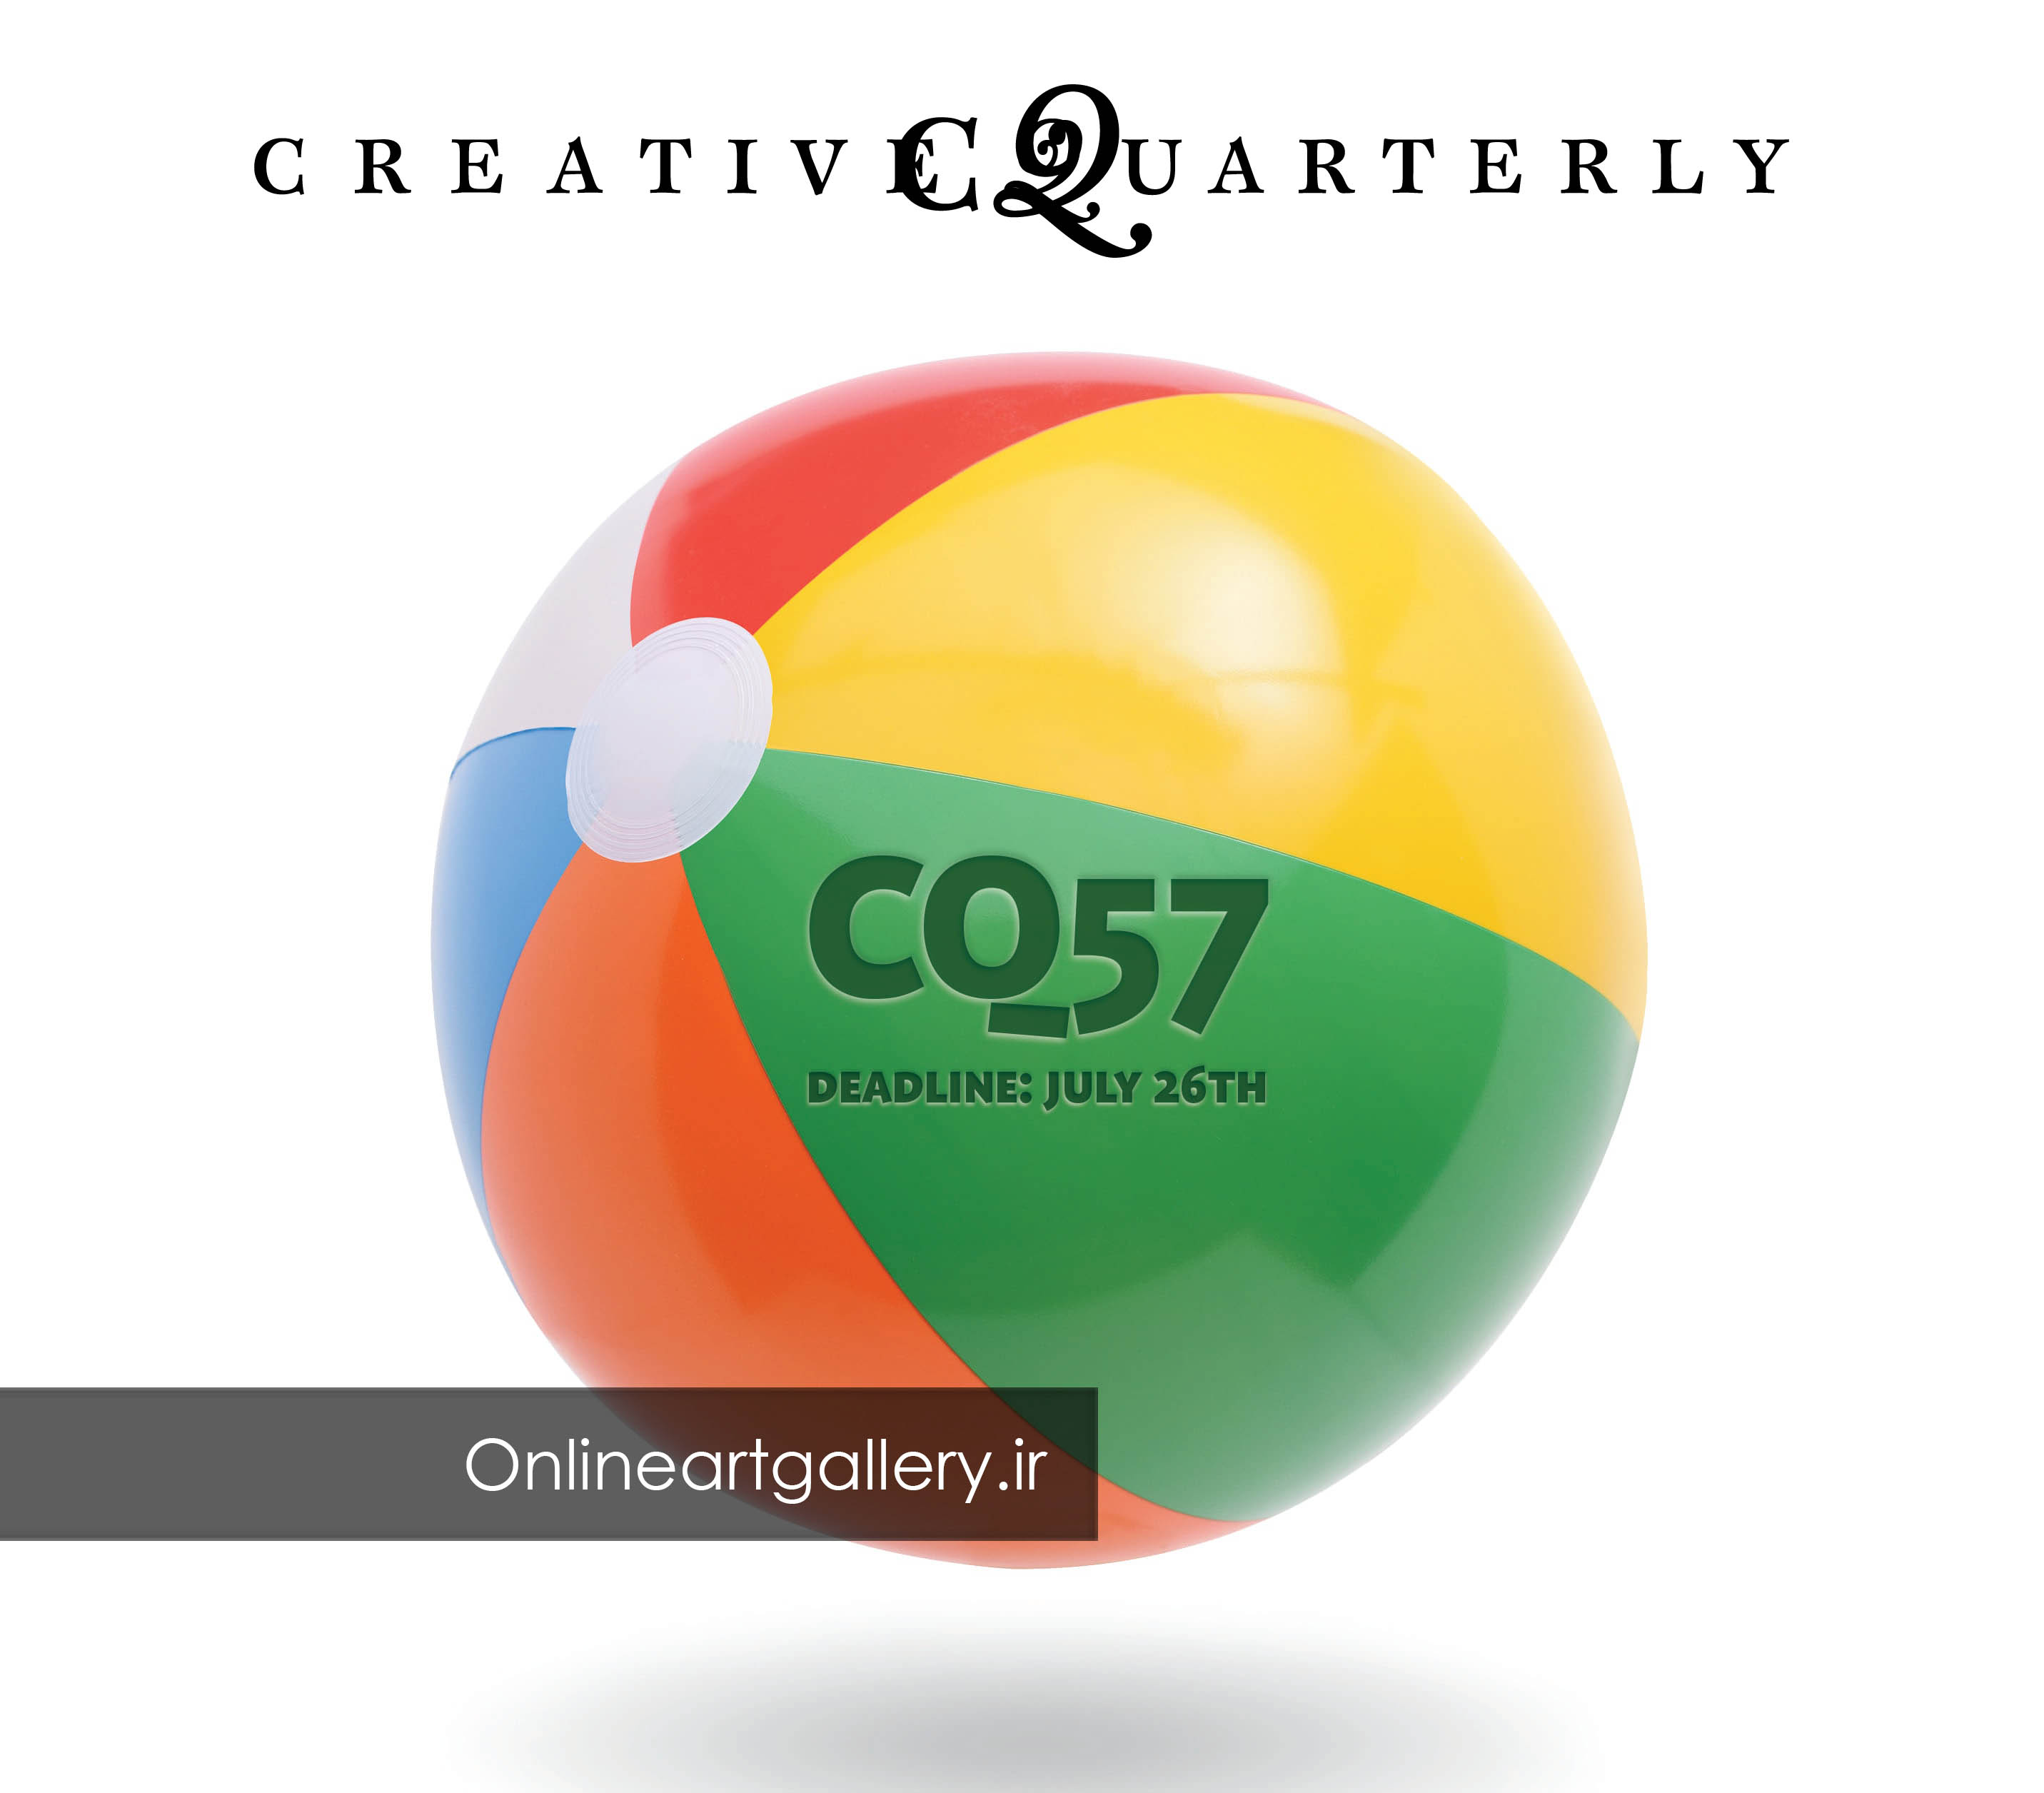 فراخوان رقابت هنرهای تجسمی مجله Creative Quarterly (CQ)